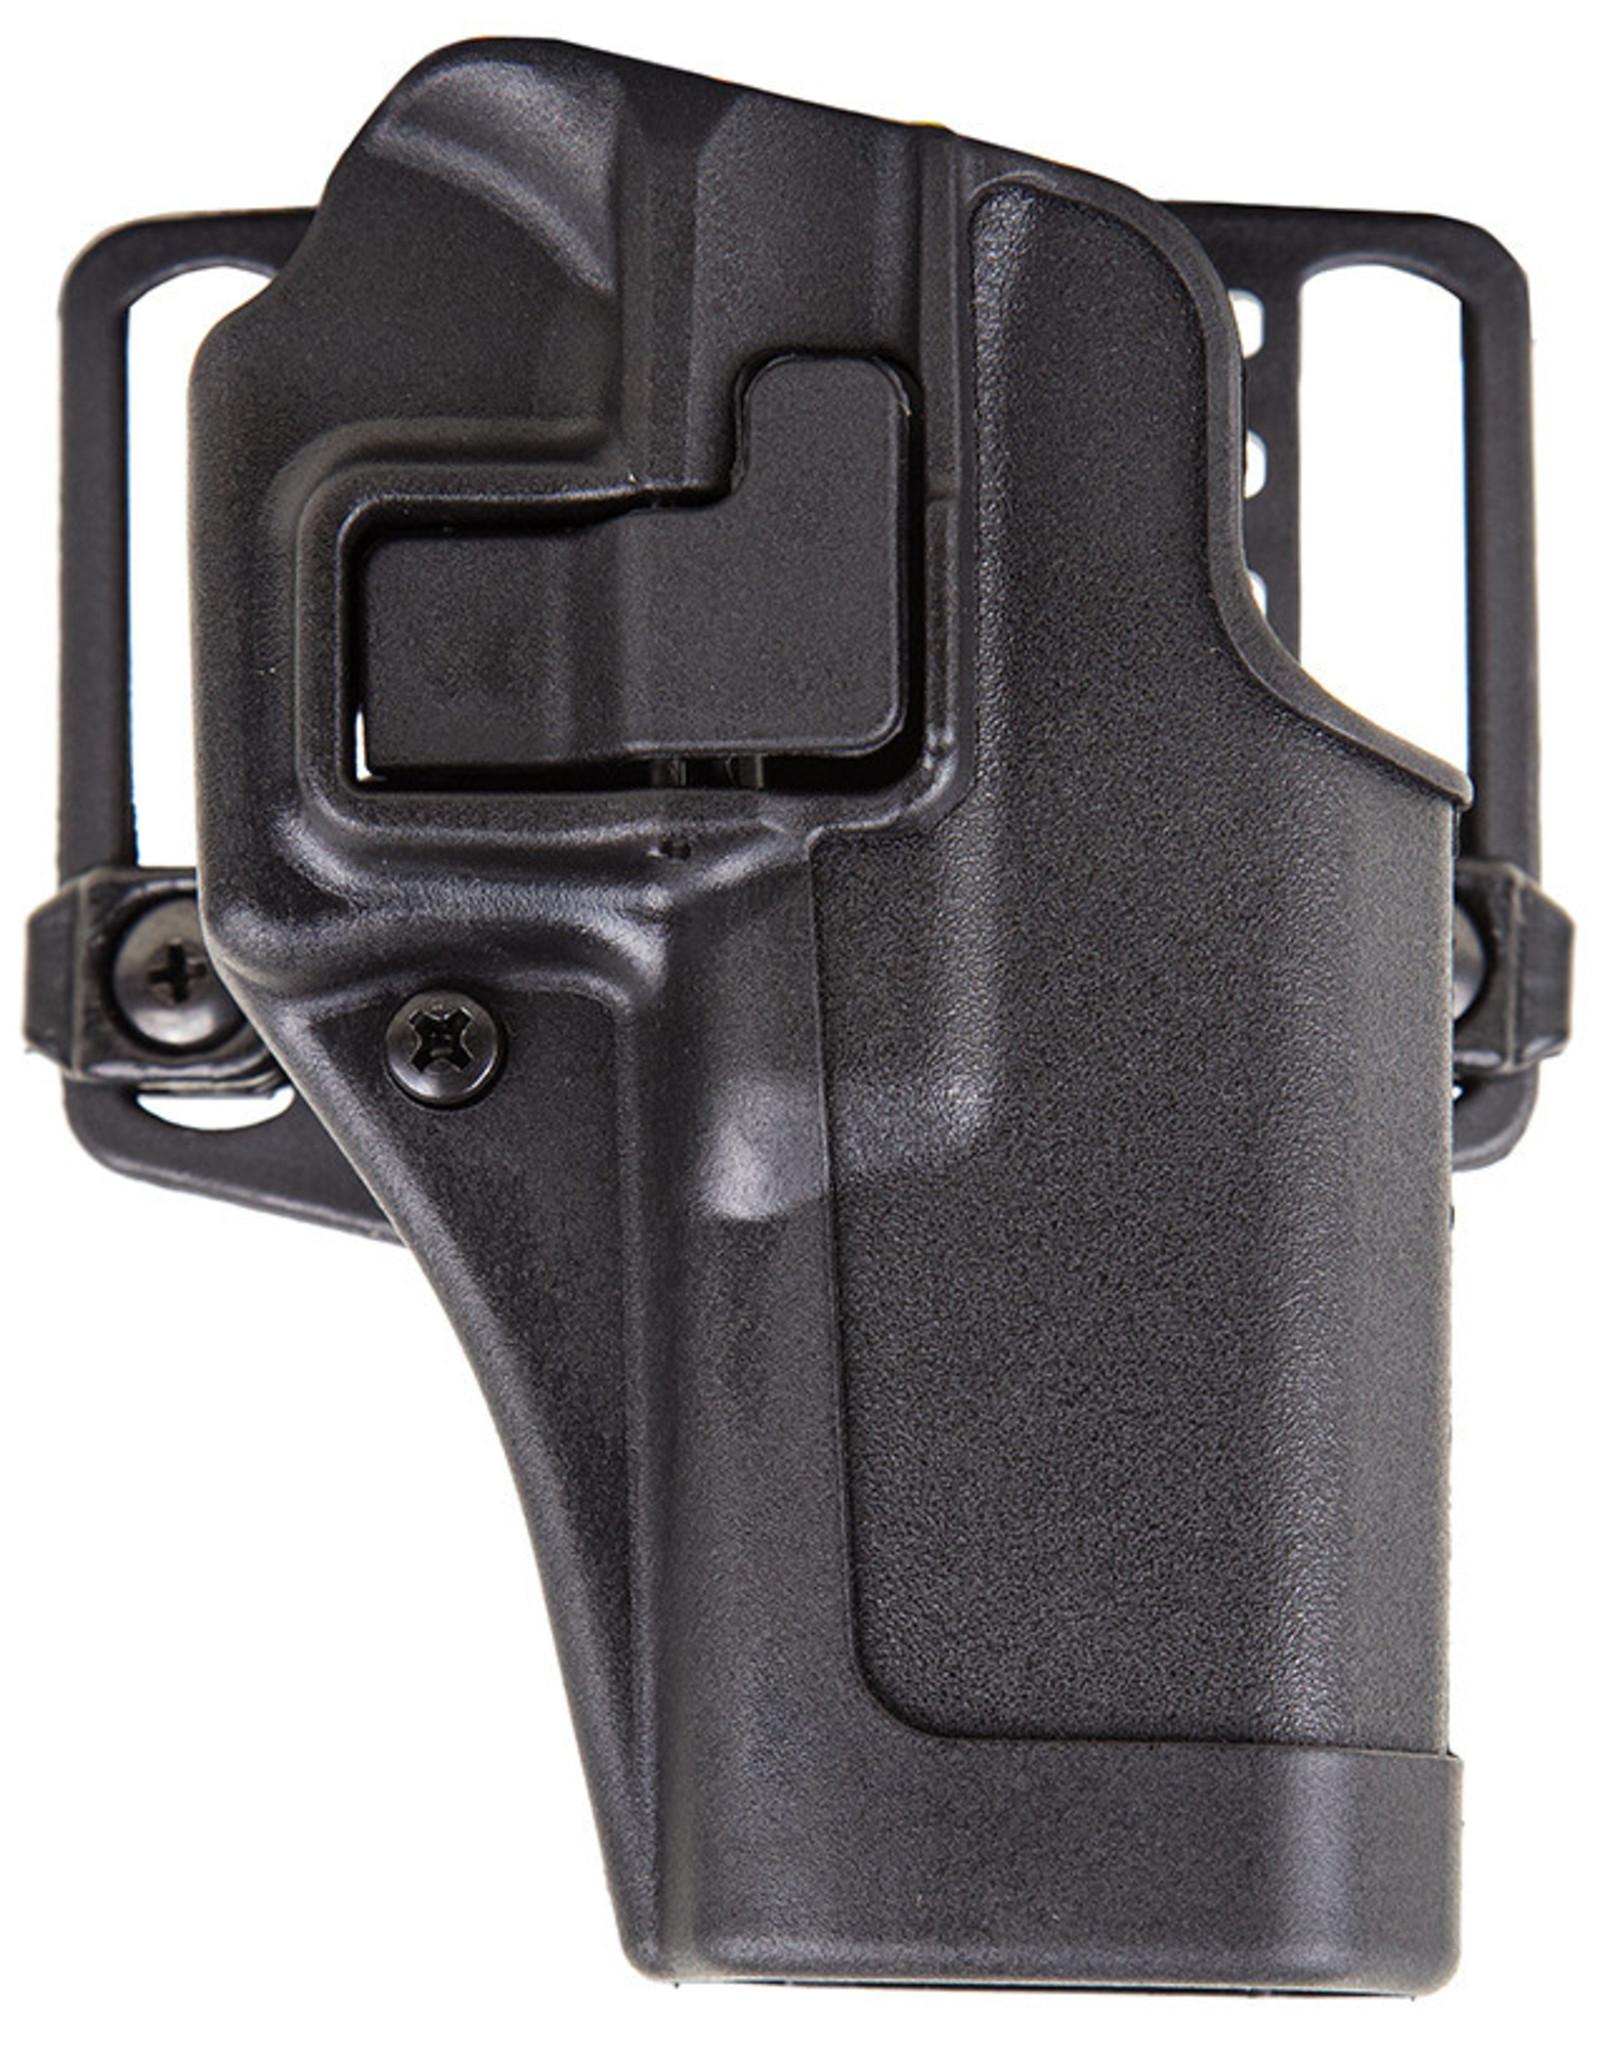 Blackhawk Blackhawk Holster for Colt 1911 RH